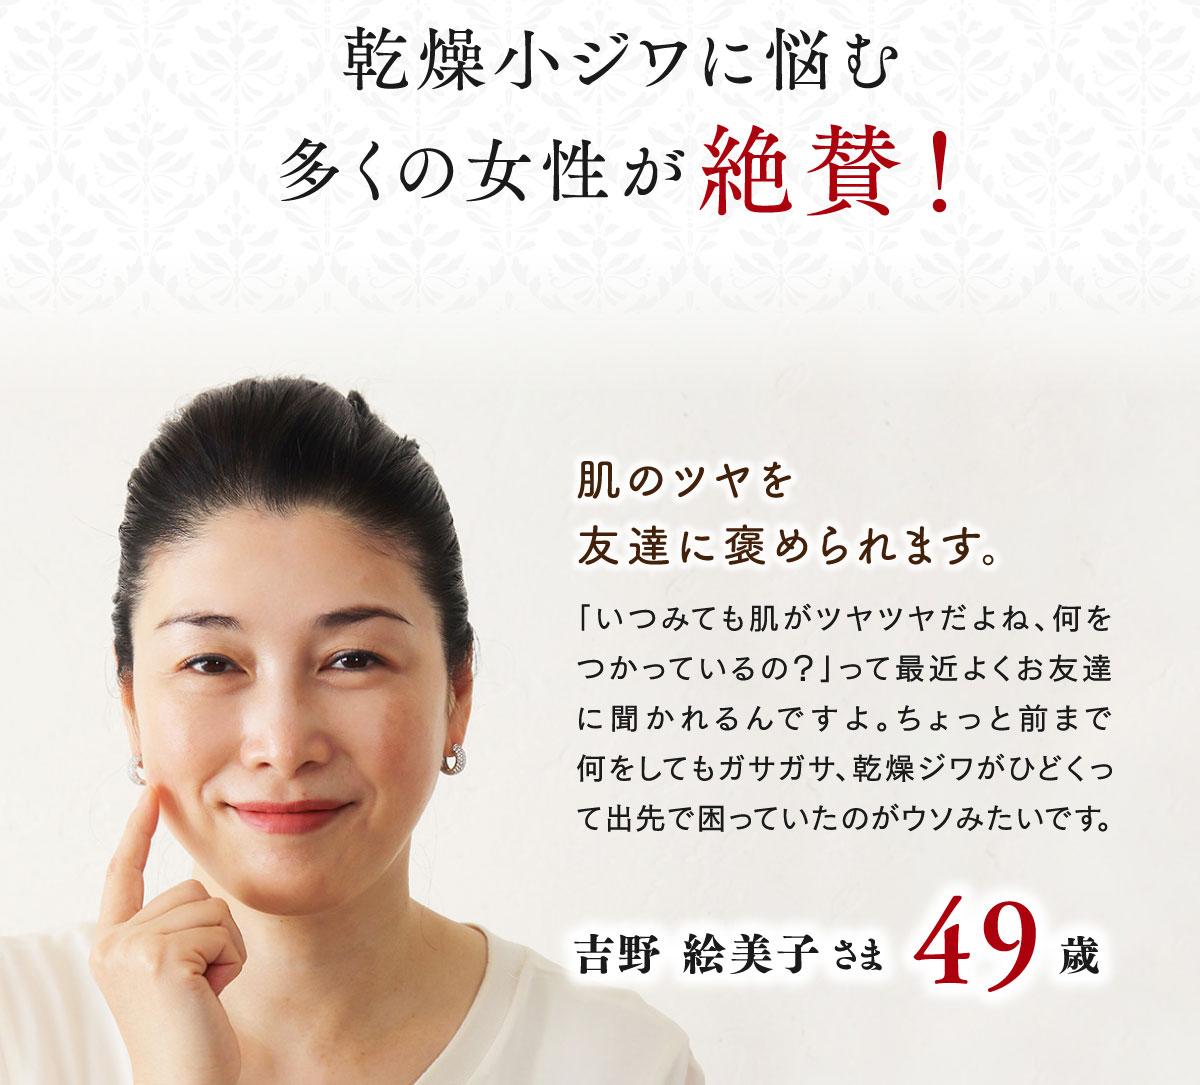 乾燥小ジワに悩む多くの女性が絶賛 吉野絵美子さま49歳